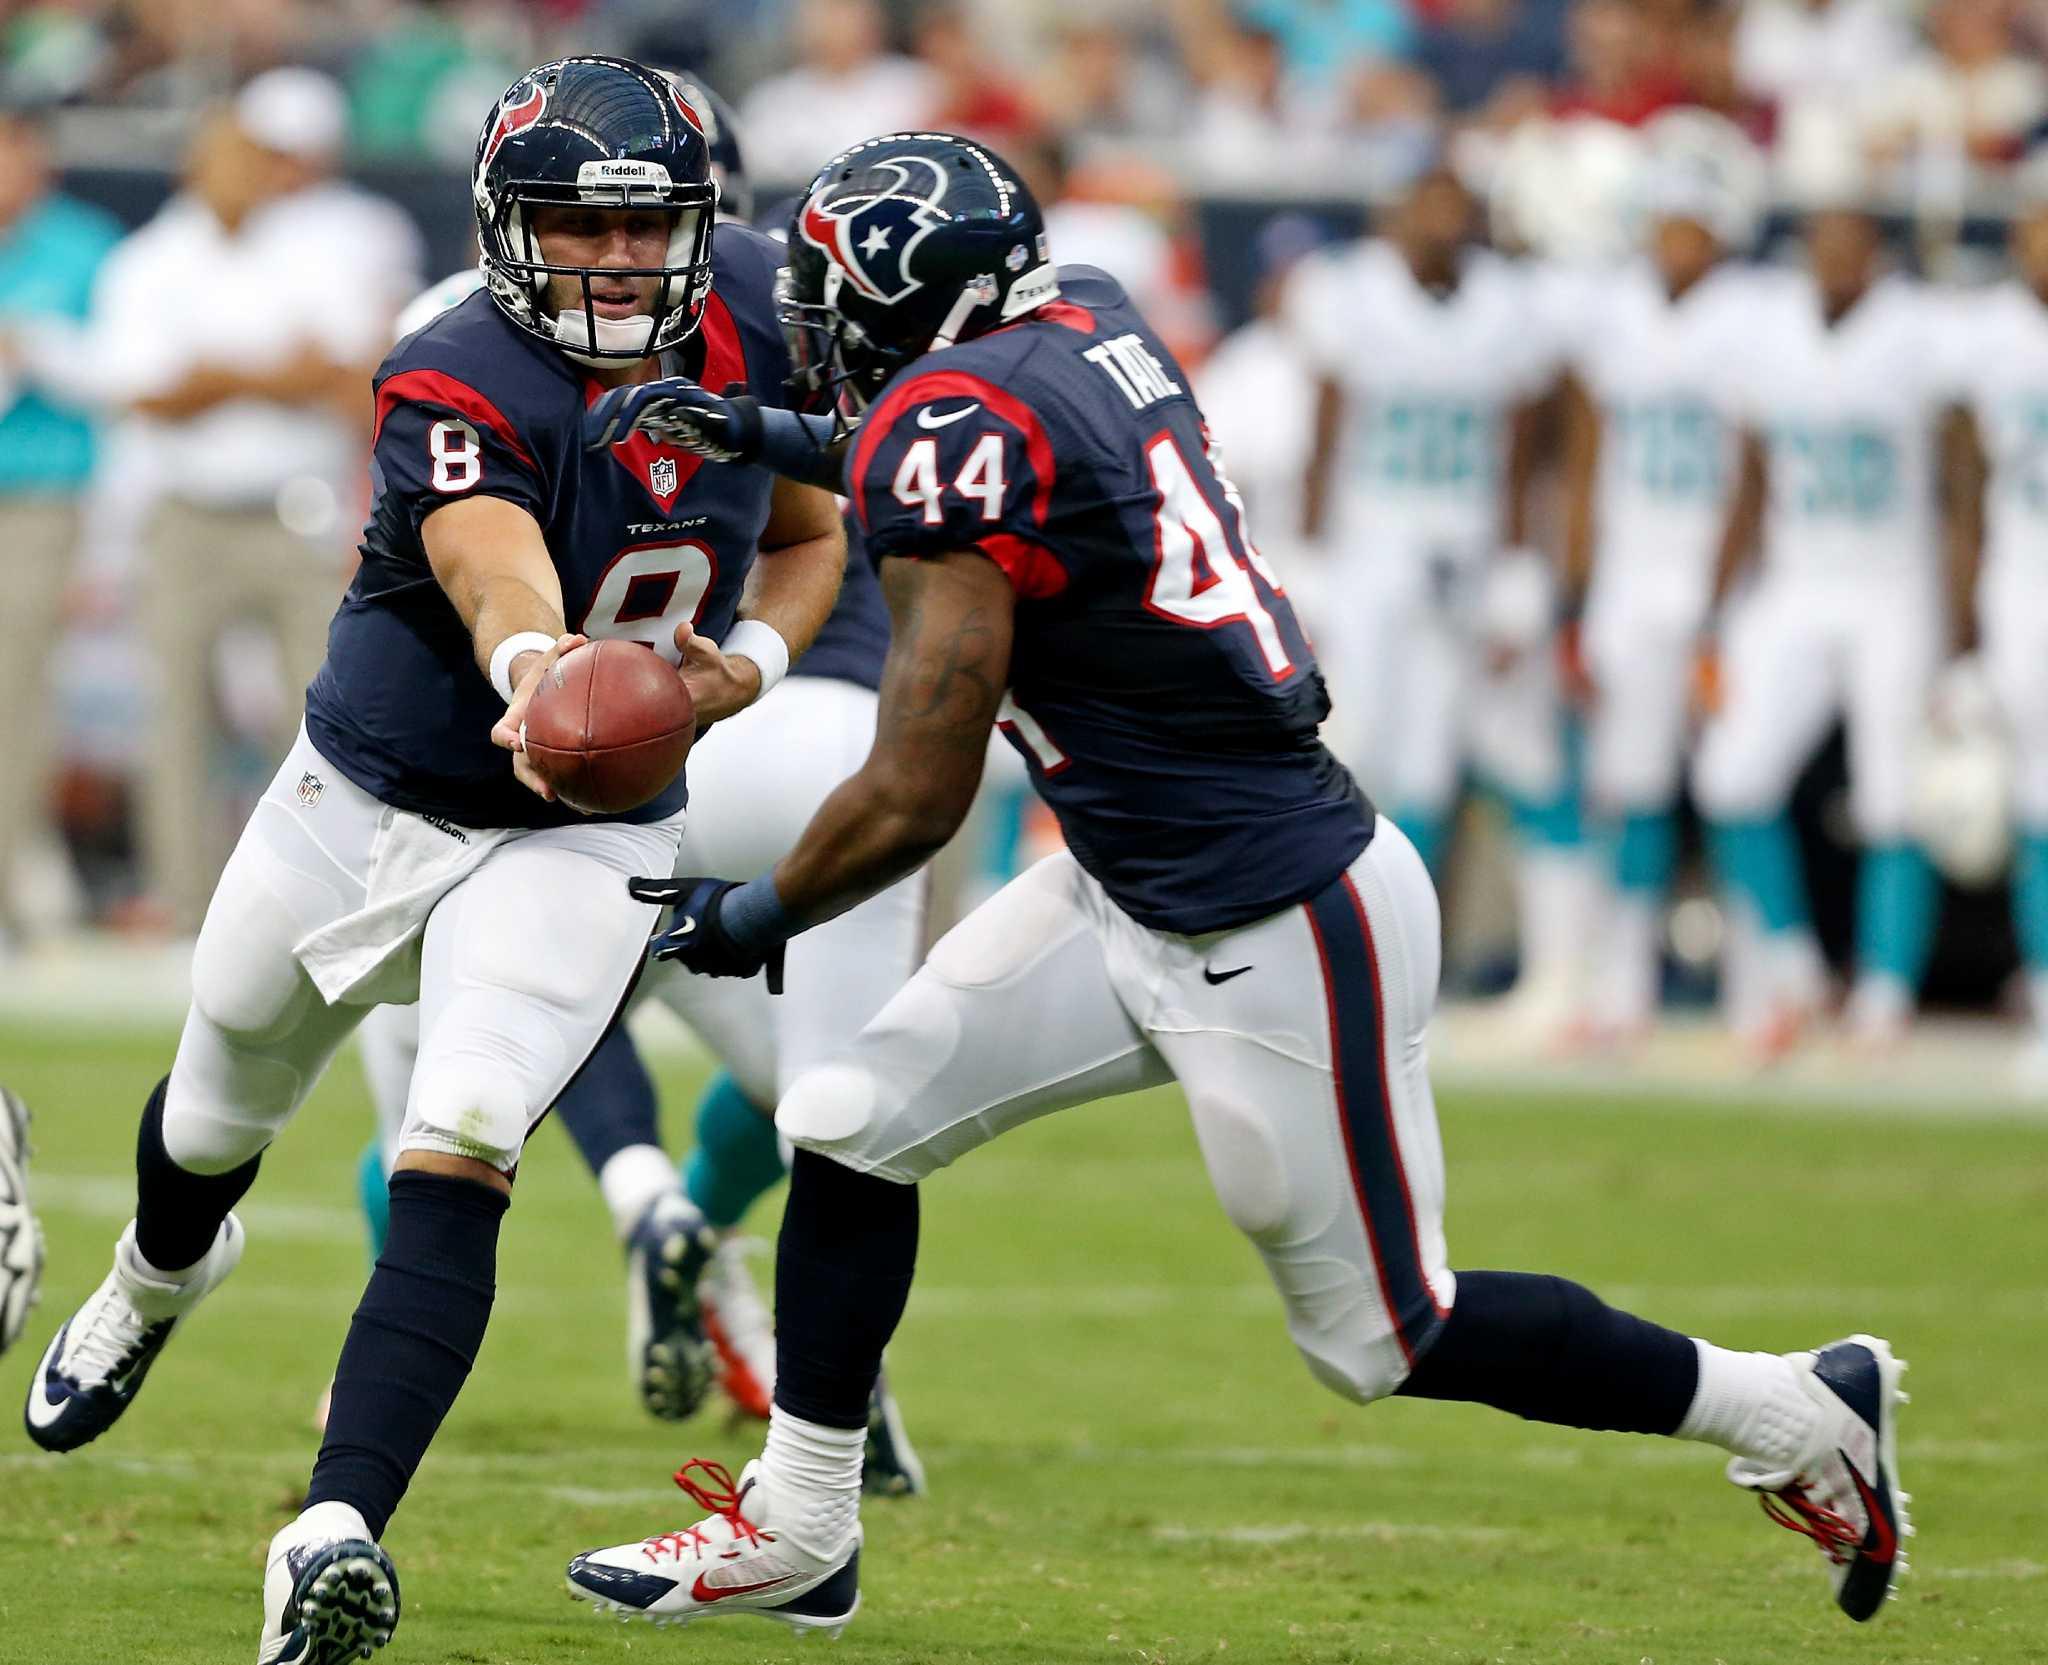 Texans Qb Depth Shines Again With Yates Keenum San